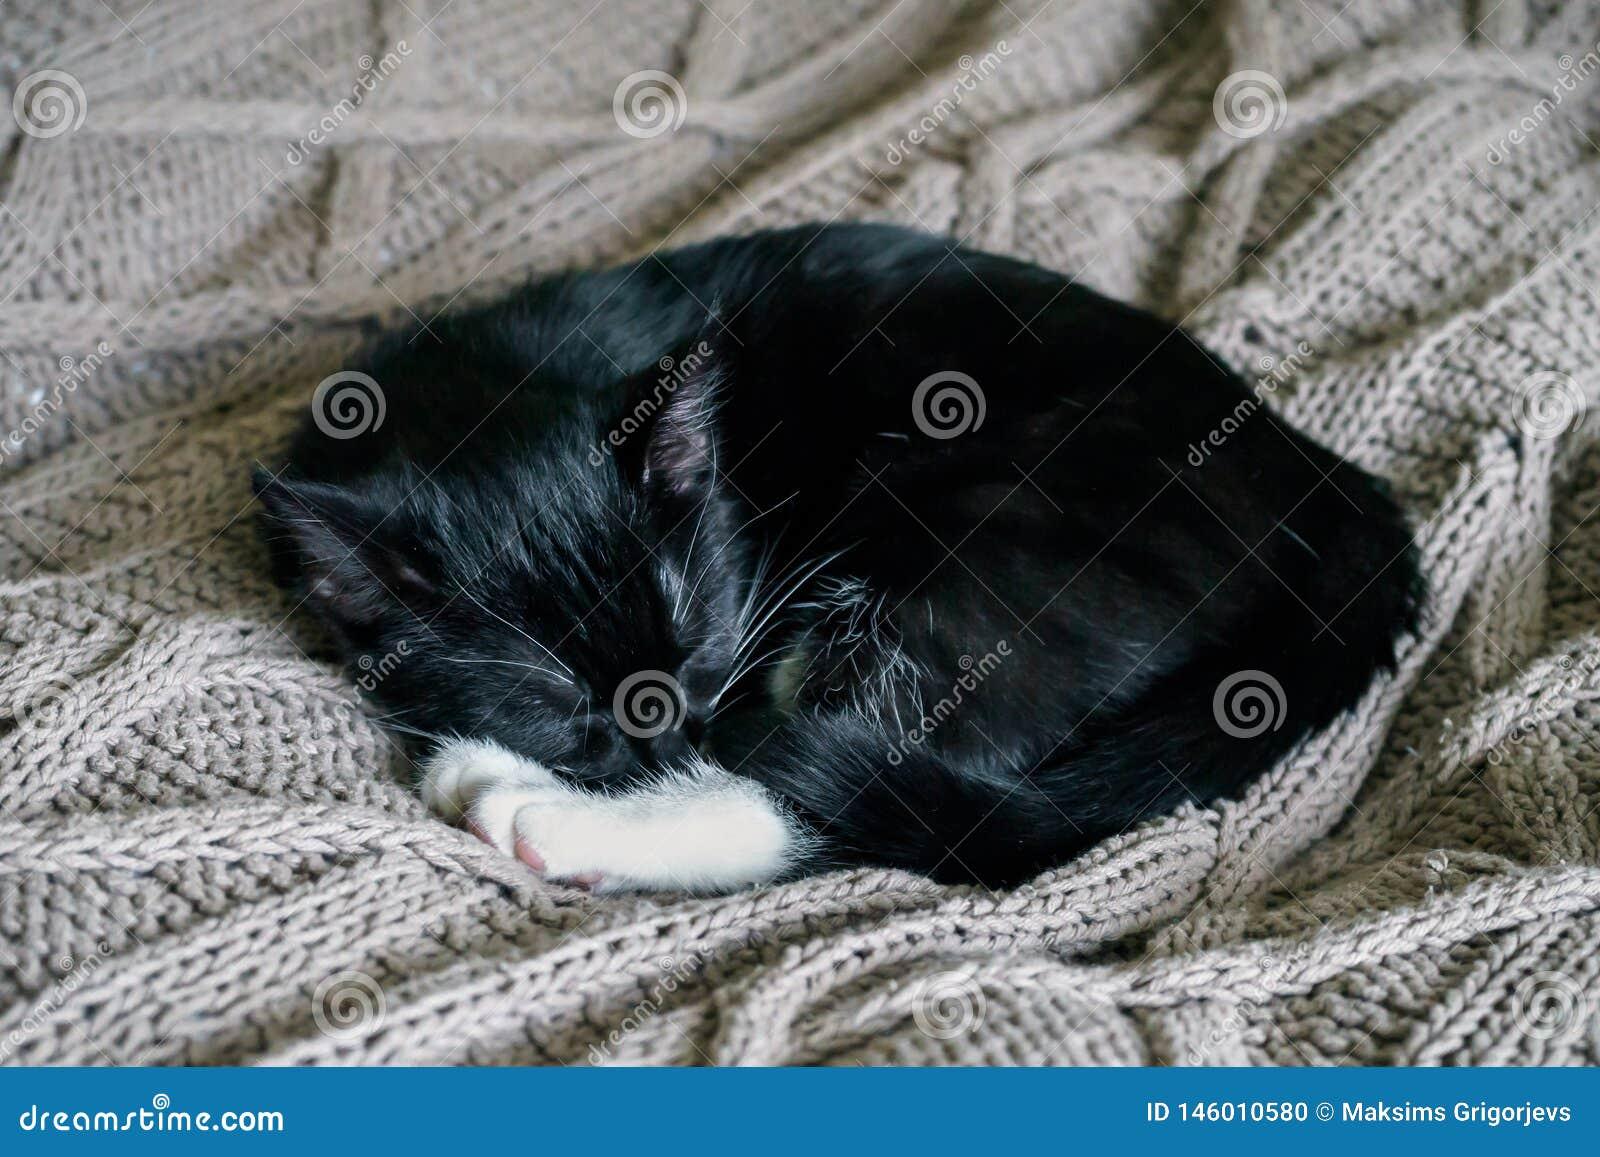 Gatto sonnolento in bianco e nero che riposa su un tiro del letto